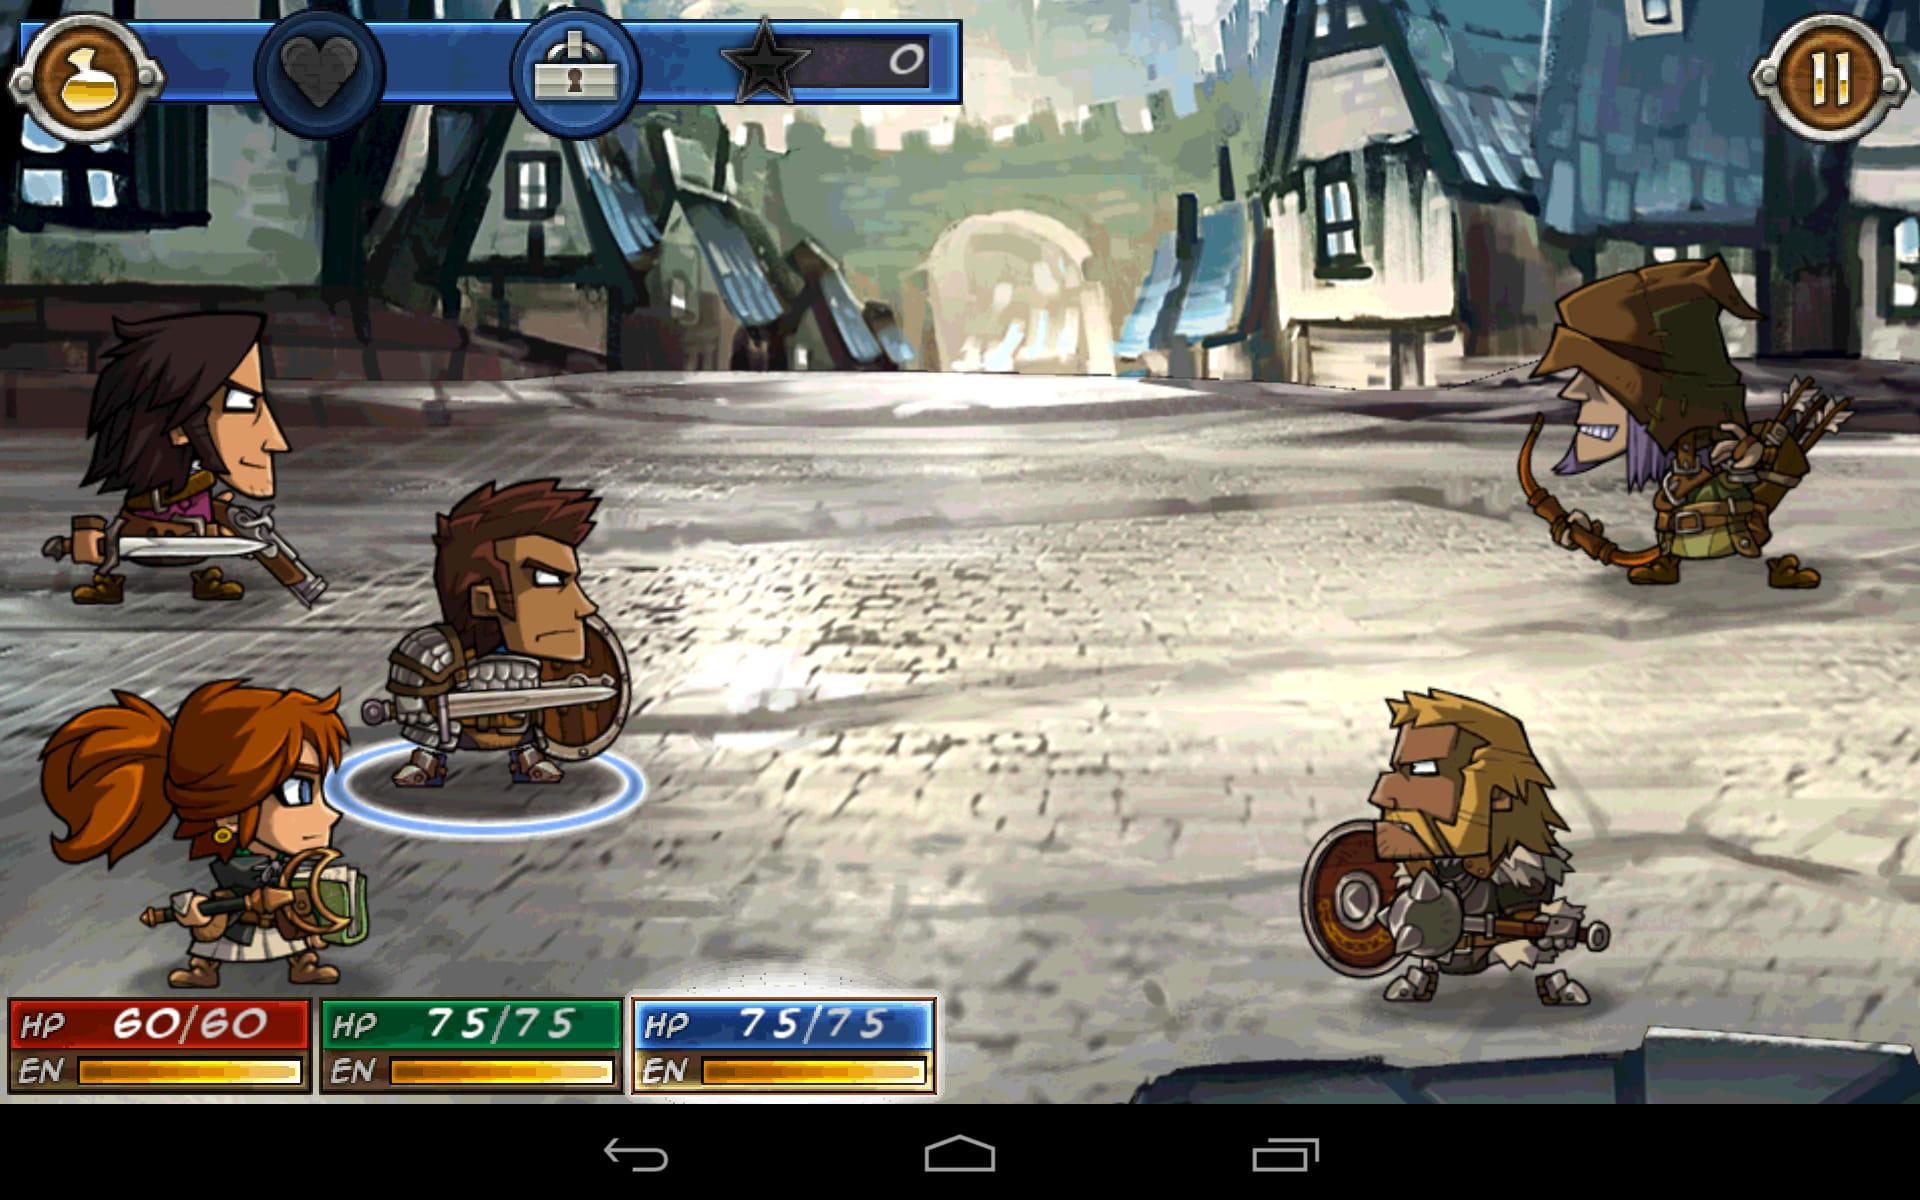 Télécharger la version complète du jeu GTA 5 pour Android. Cela fonctionne sur votre votre téléphone, tablette et d'autres appareils qui fonctionnent avec Android.